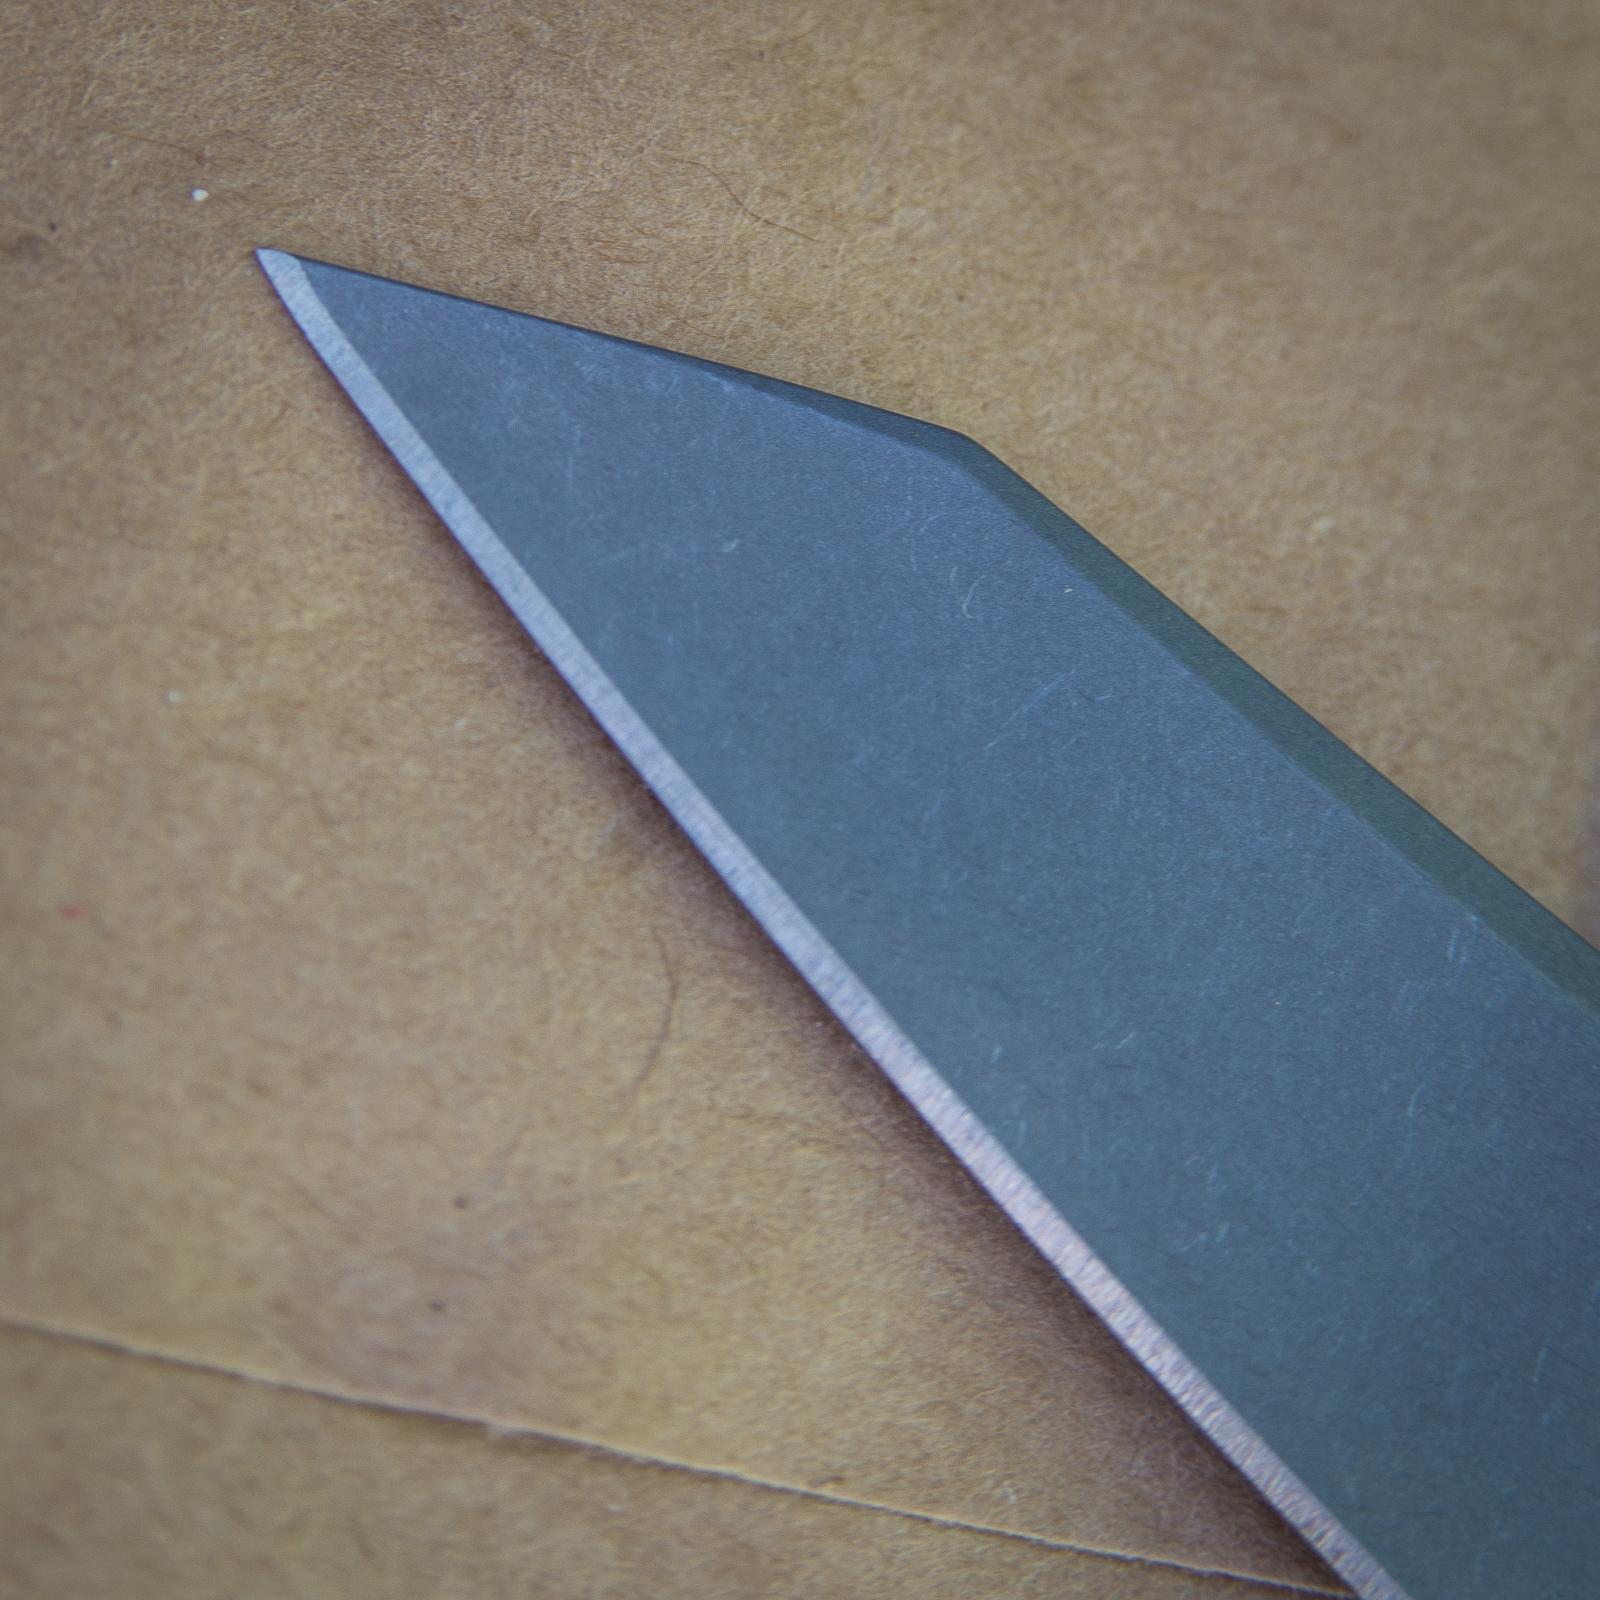 Knife-1855.jpg